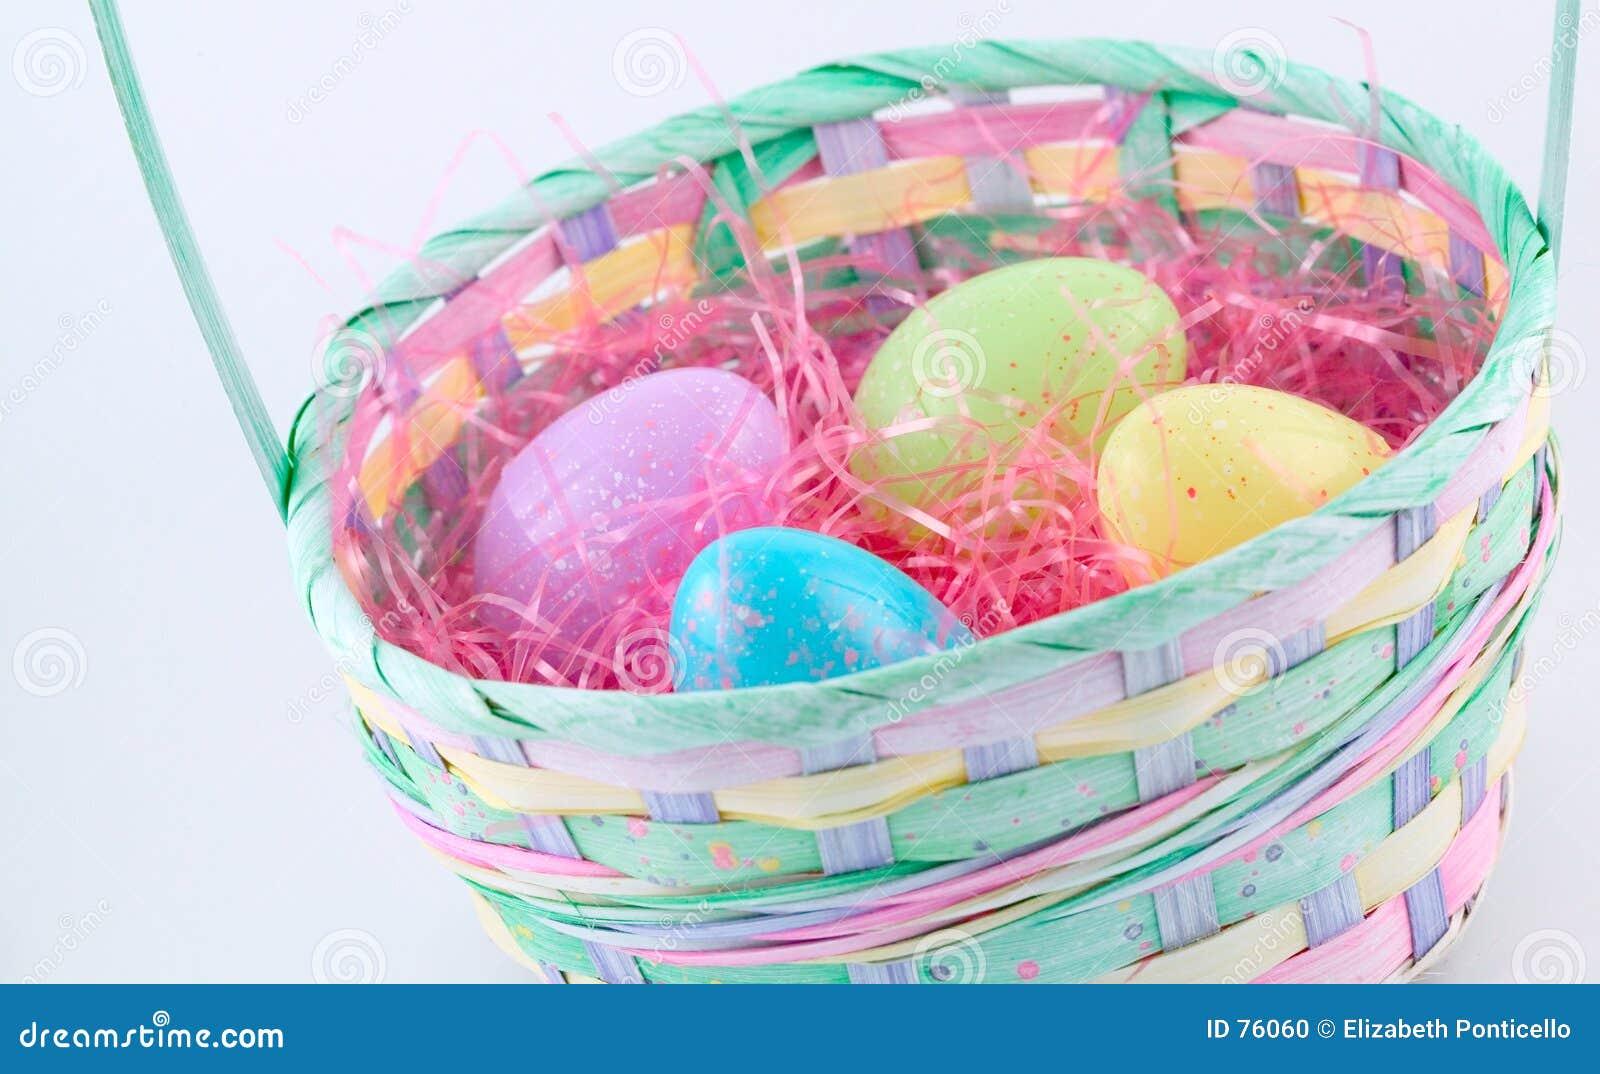 1 Wielkanoc koszykowe serii